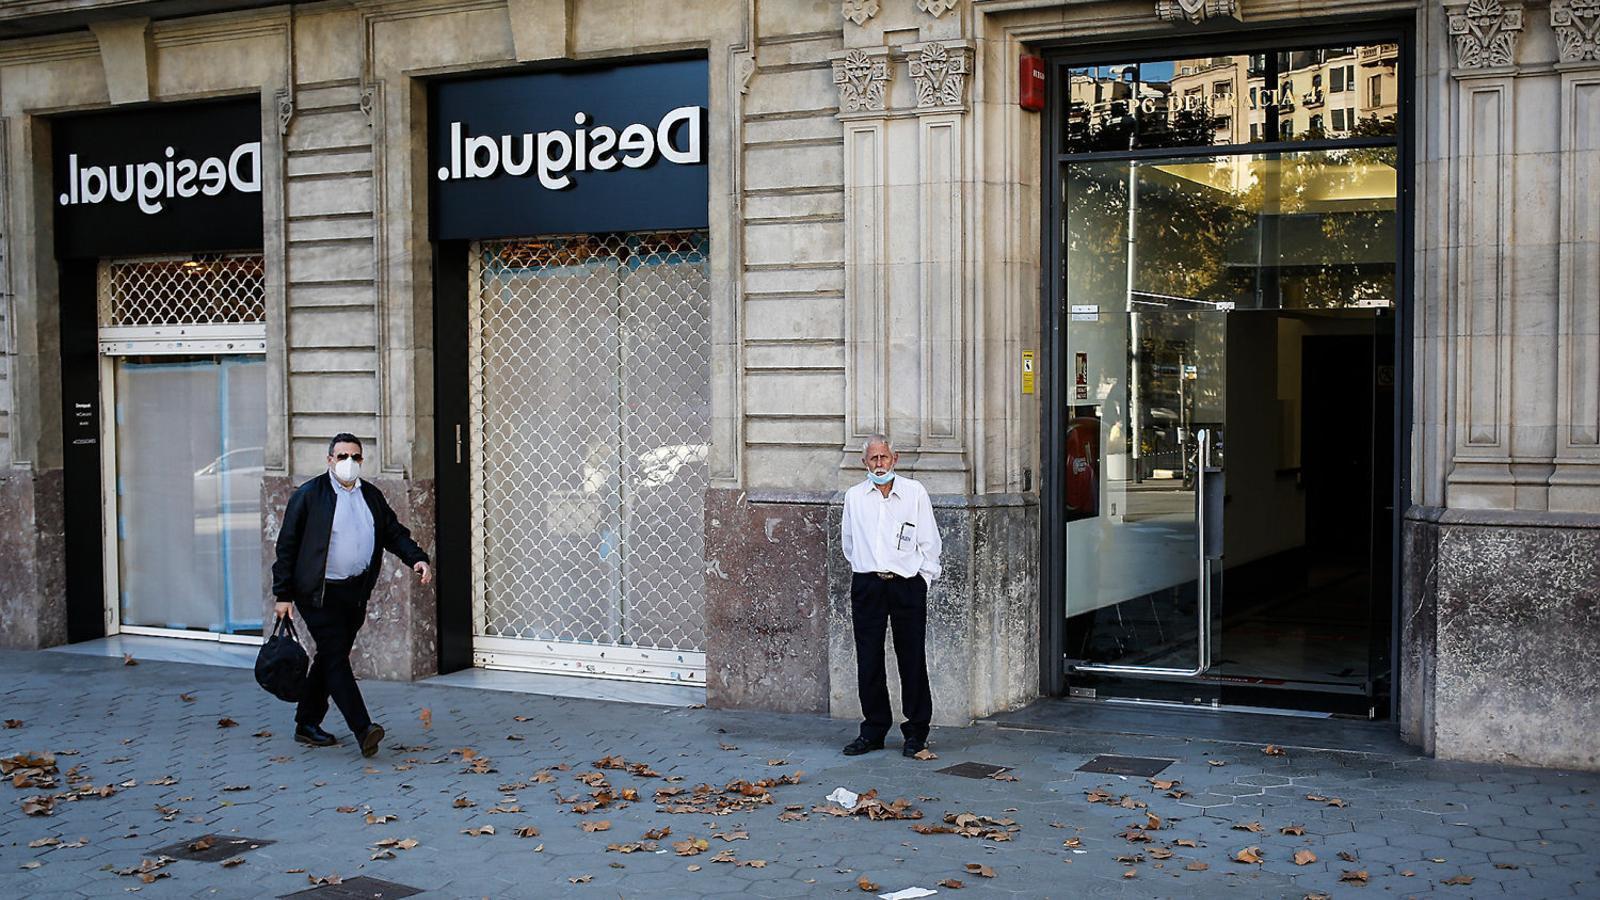 El passeig de Gràcia ha patit el tancament de diversos locals durant la crisi del coronavirus, però les obertures previstes aquest any tiren endavant de moment.